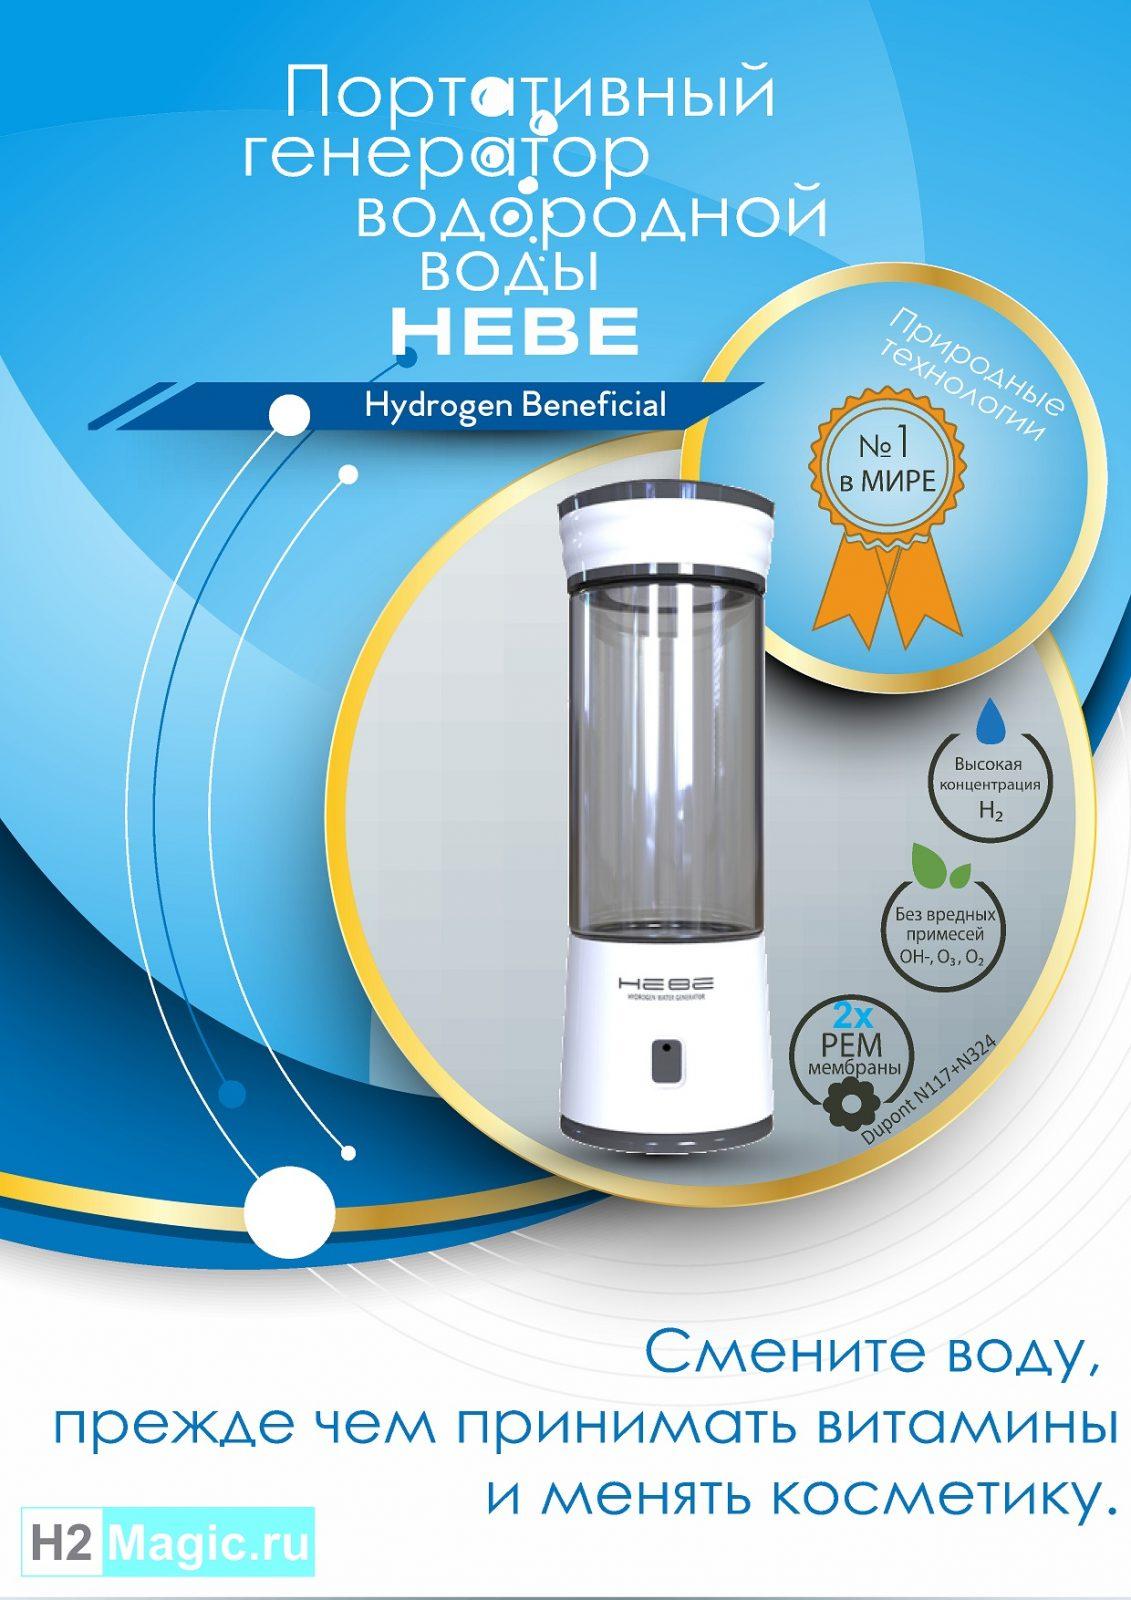 Генератор водородной воды Ю.Корея HEBE Portable Black (Чёрный, Дренаж, Стекло 350 мл, Звук)